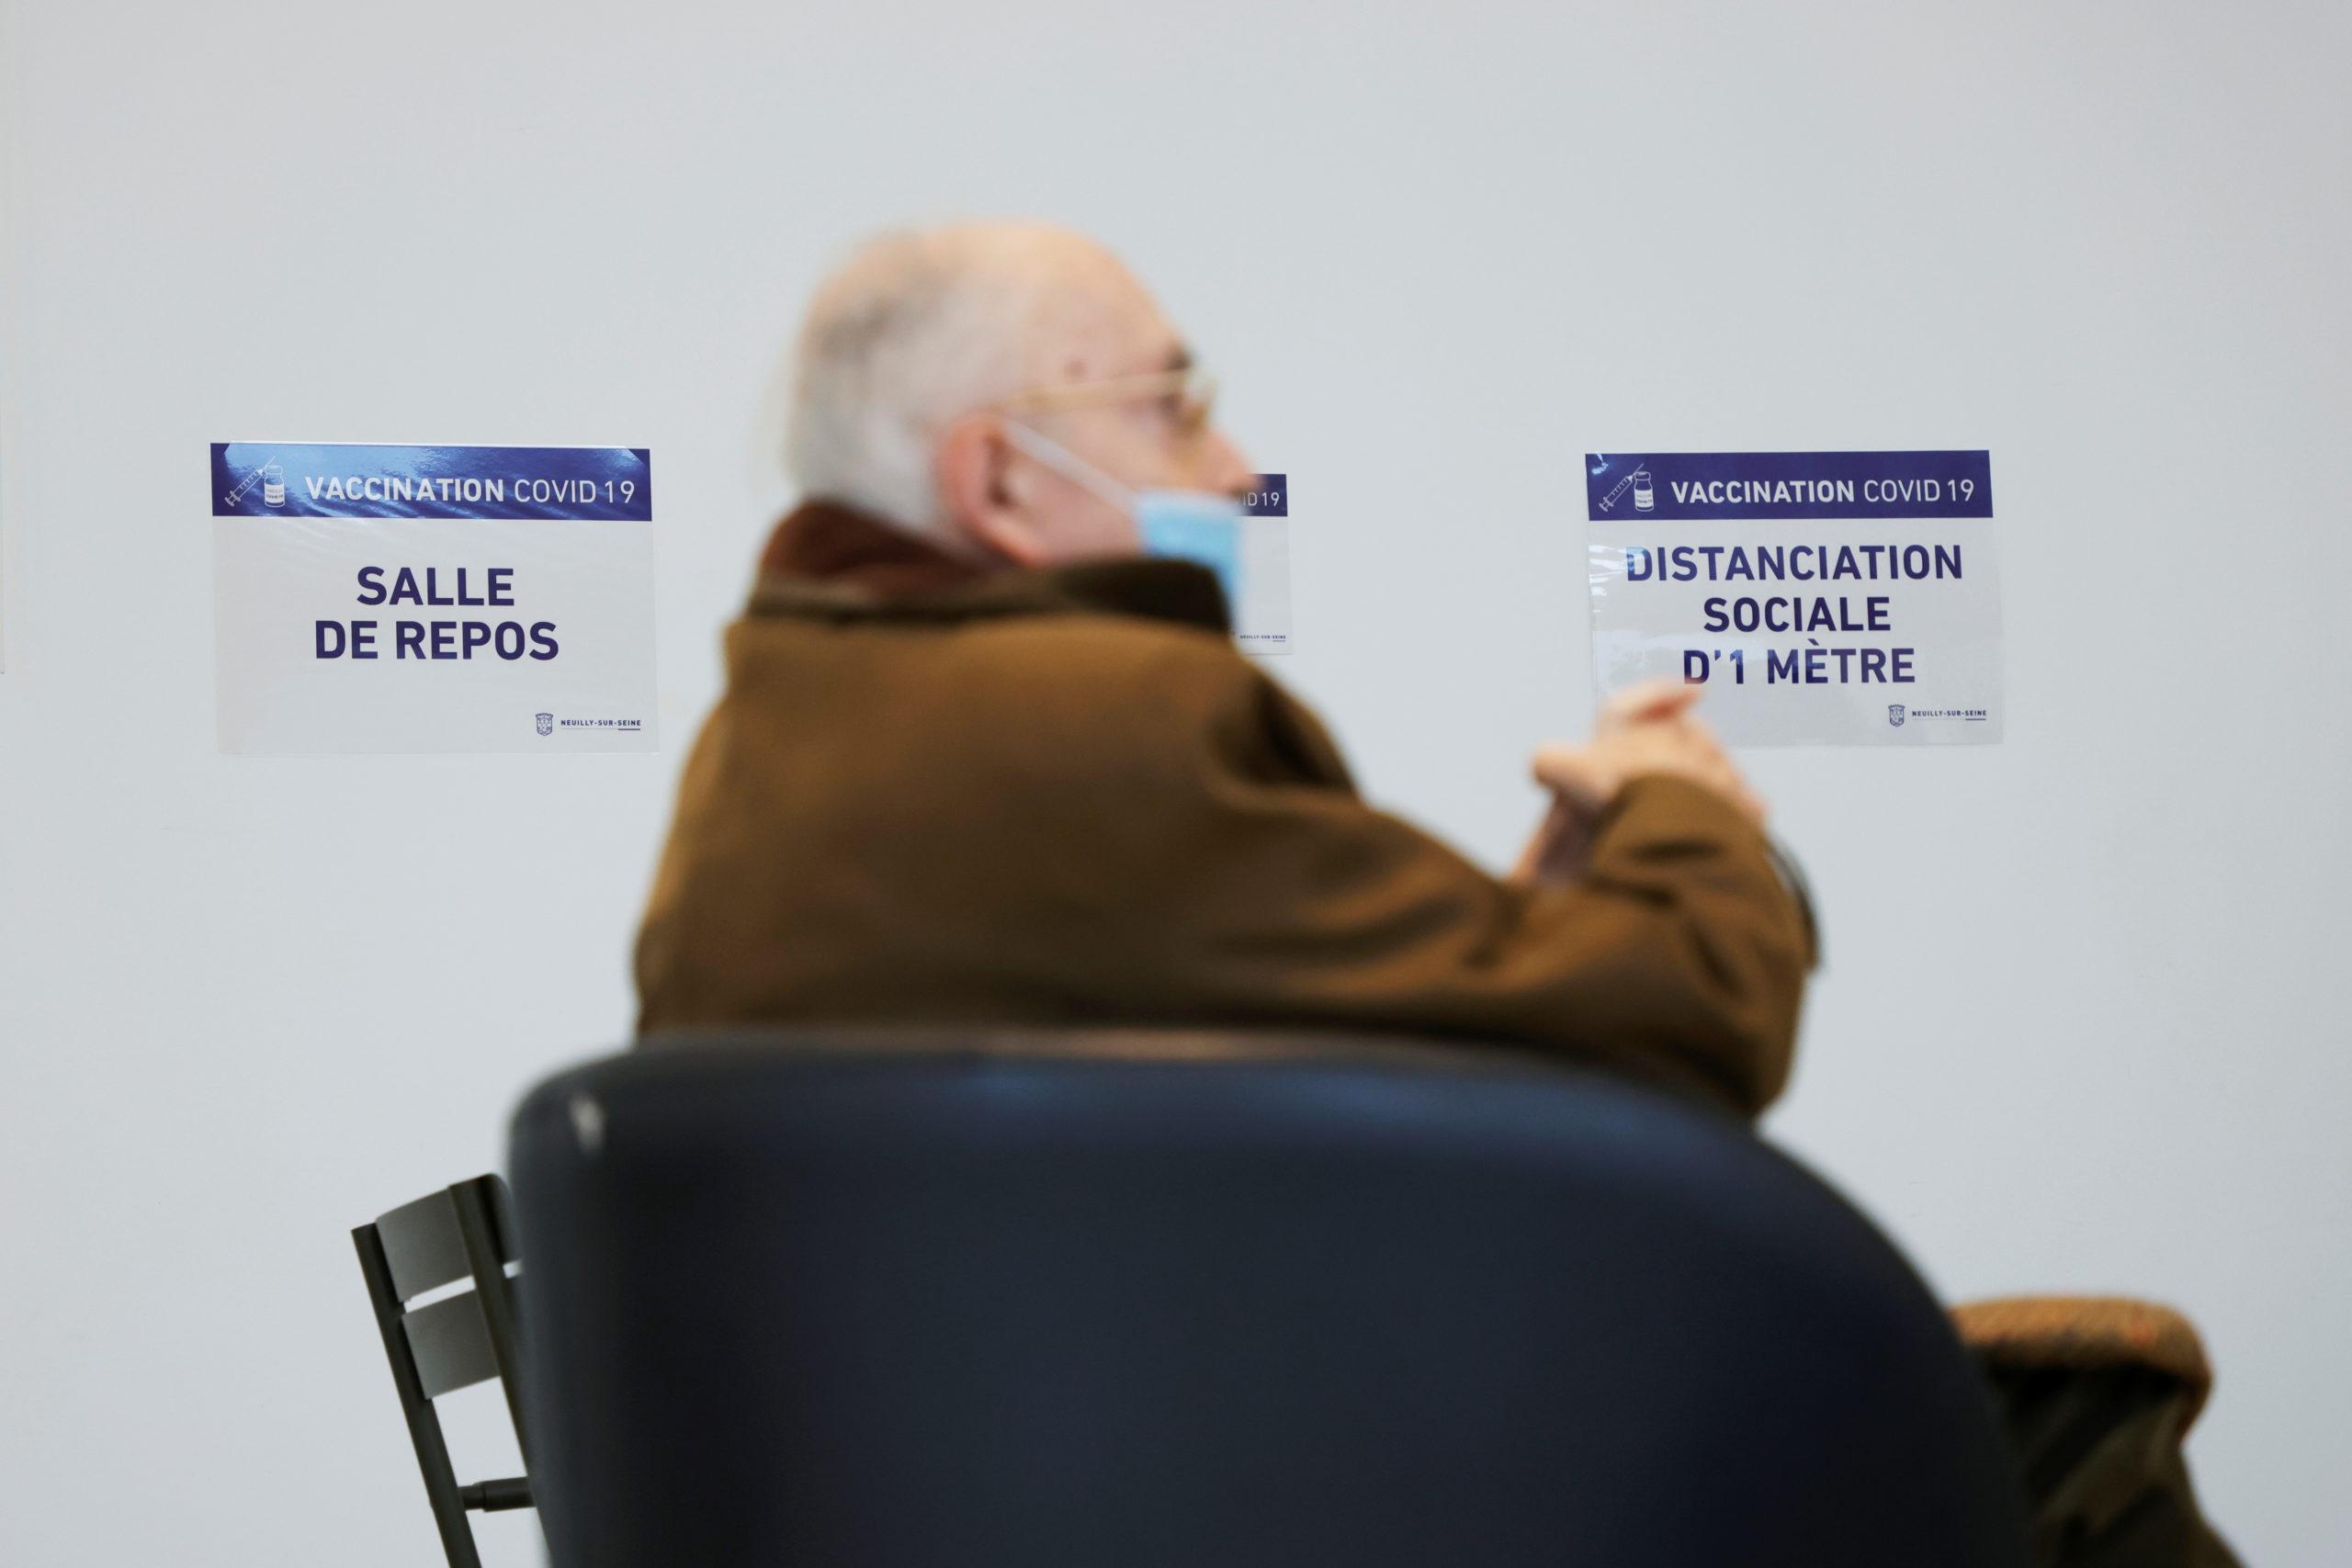 Coronavirus: La France rapporte 22.371 nouveaux cas de contamination